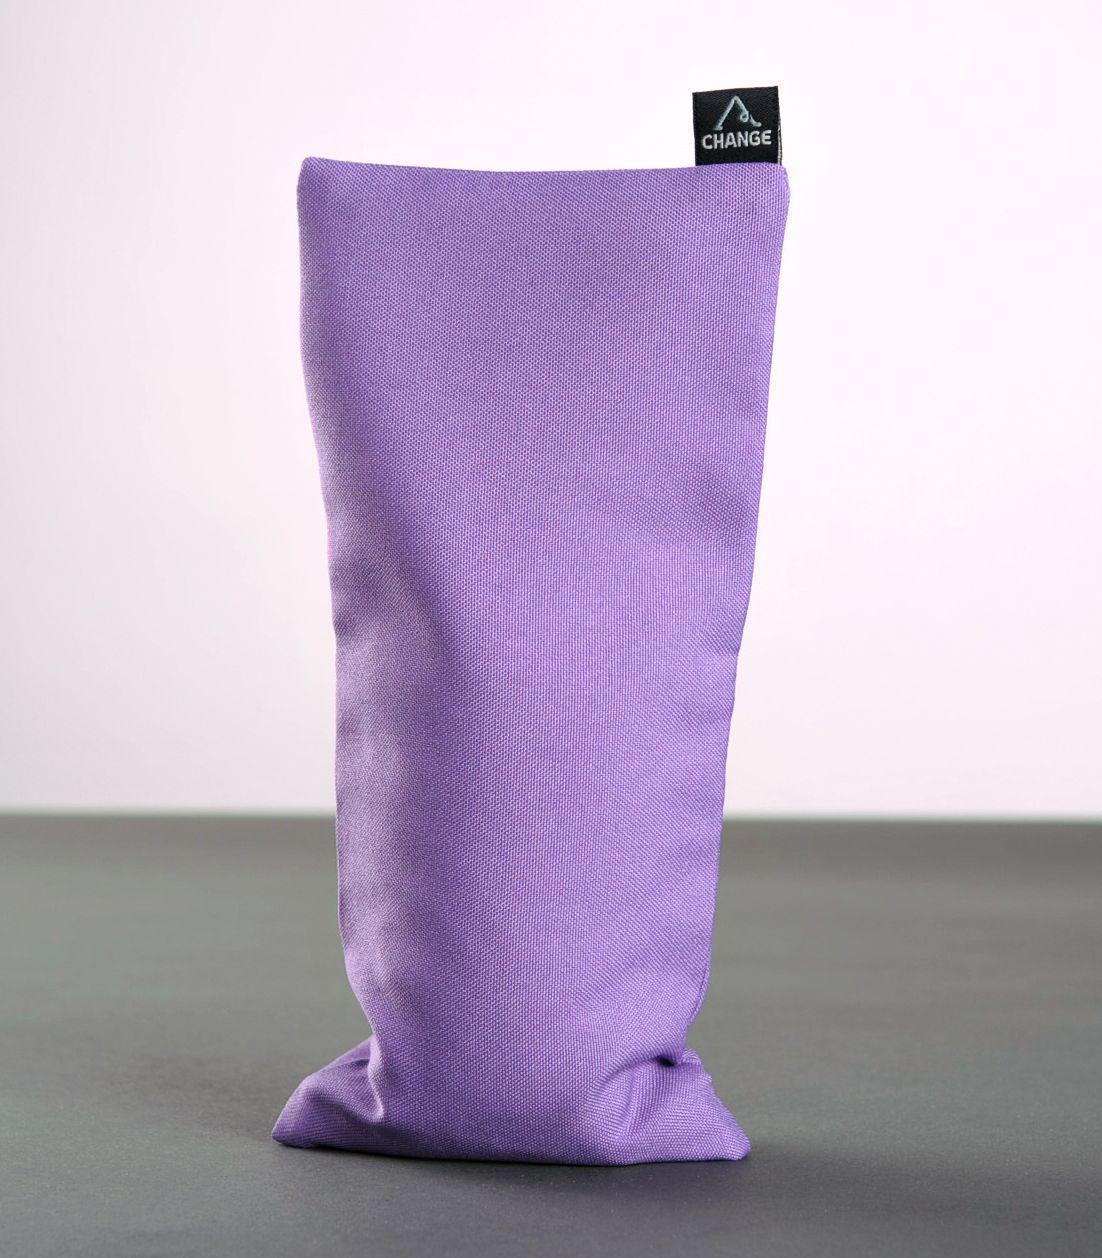 Yoga eye pillow with quartz sand photo 4